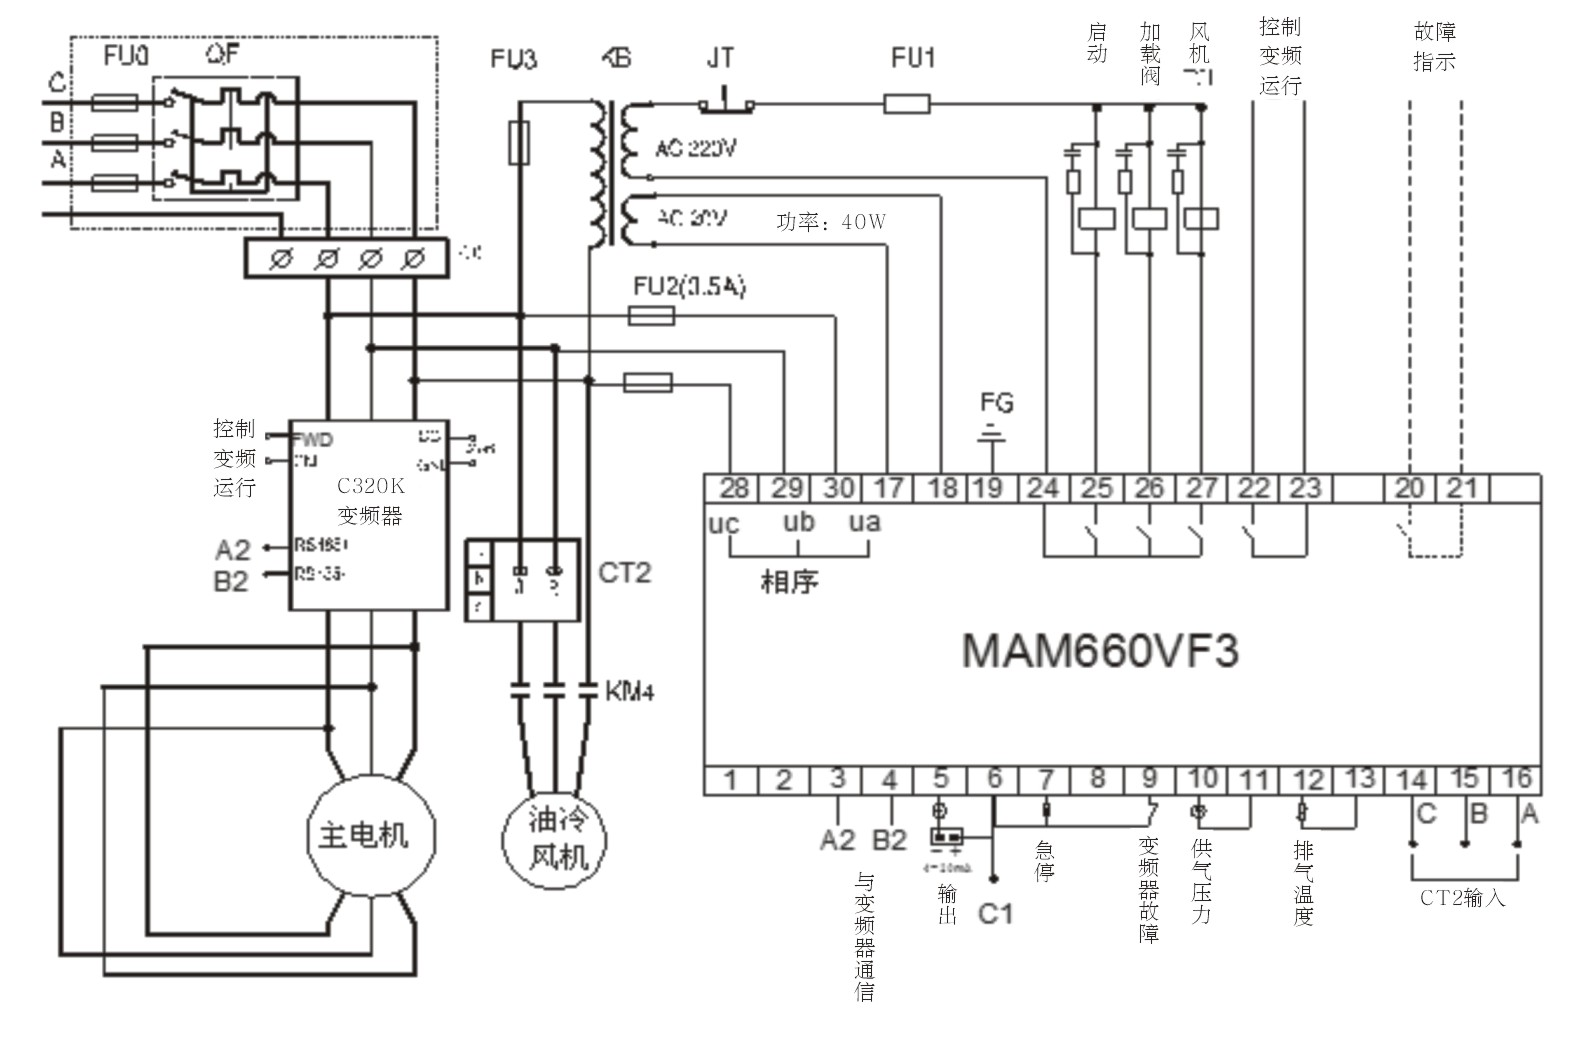 启动后控制器根据检测压力与设定的变频工作压力进行pid运算,输出4